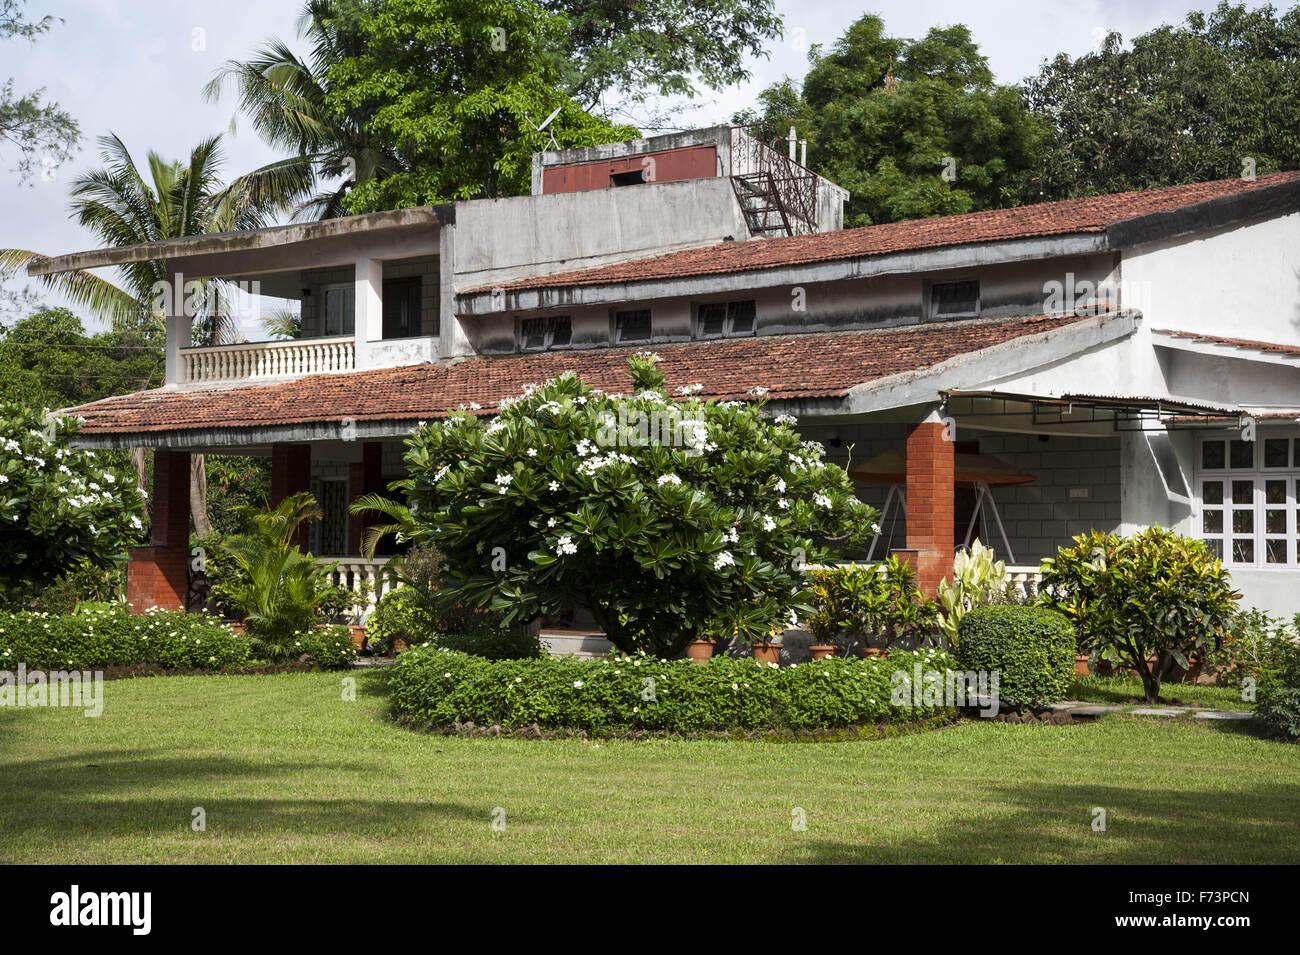 Farm house at panvel, maharashtra, india, asia Stock Photo